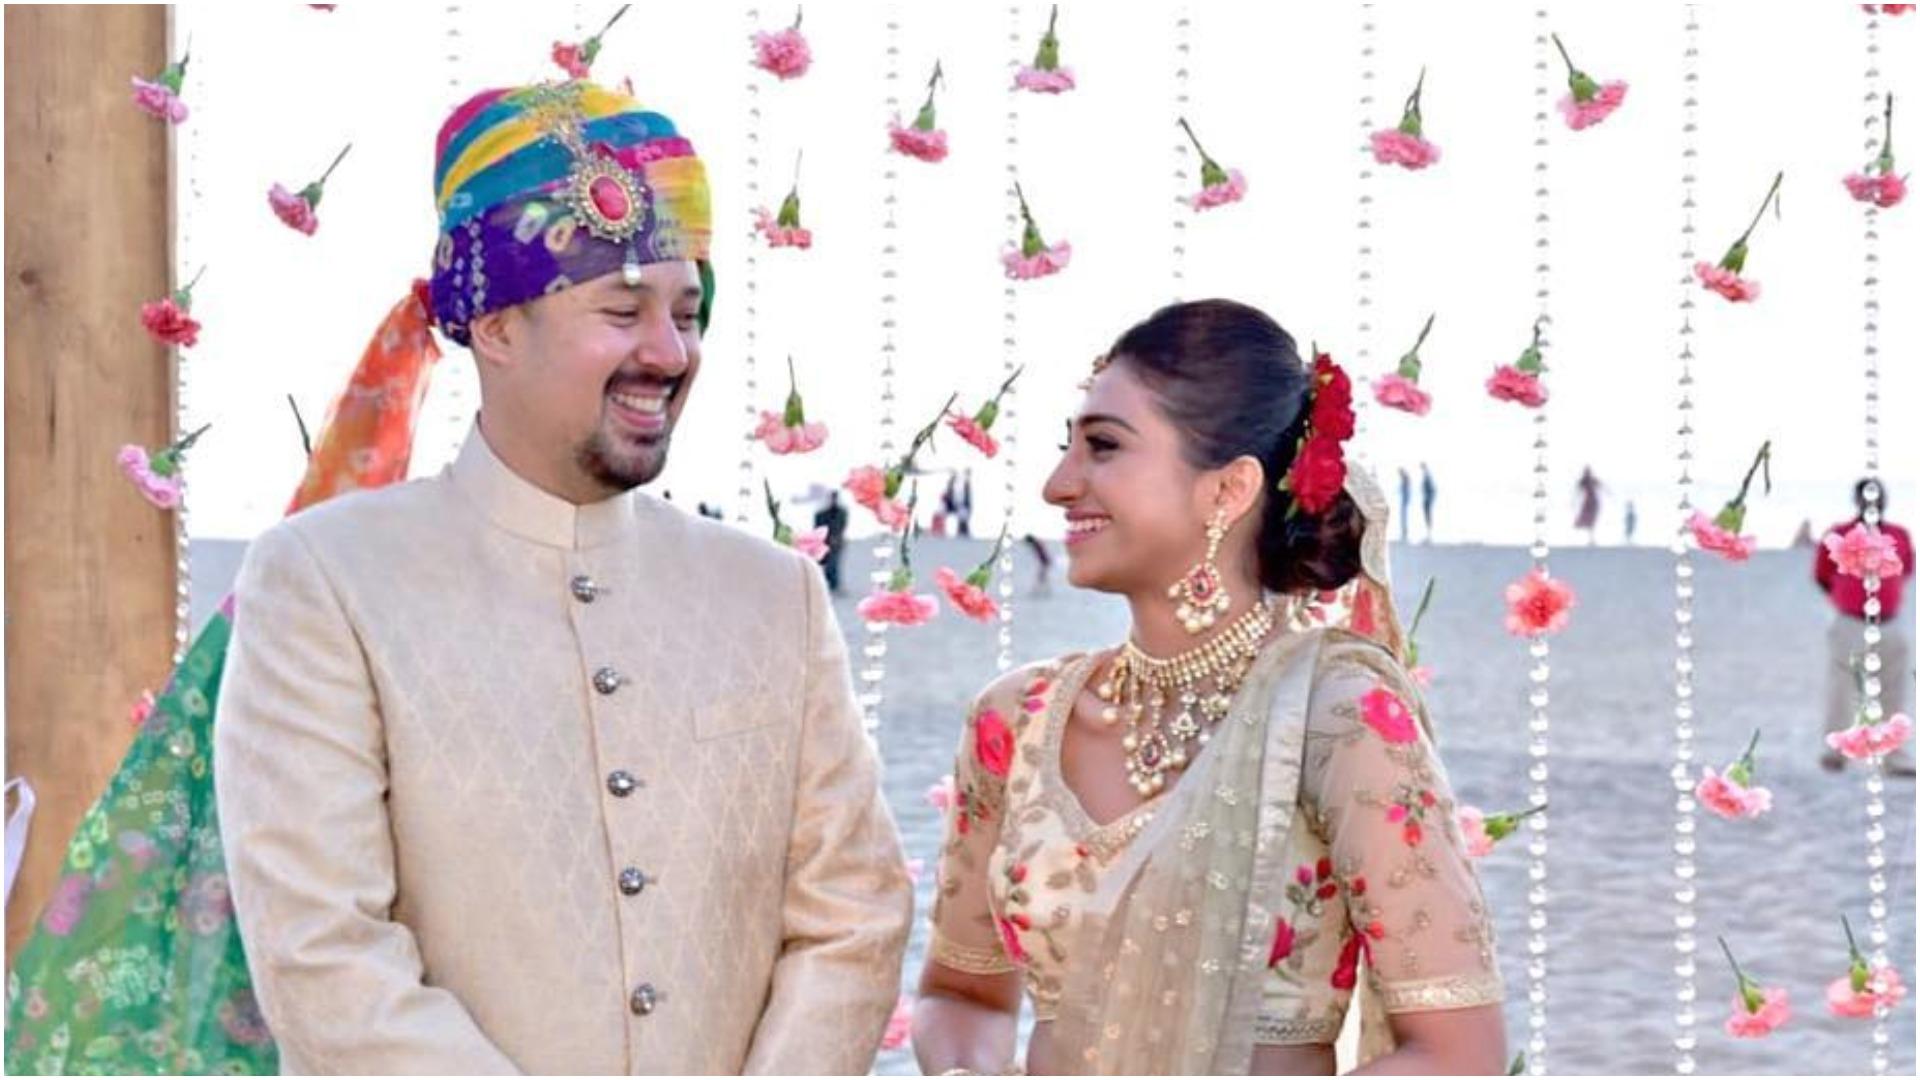 'ये रिश्ता क्या कहलाता है' की अभिनेत्री मोहना कुमारी सिंह हुआ कोरोना, घर के 7 सदस्य भी Covid के चपेट में